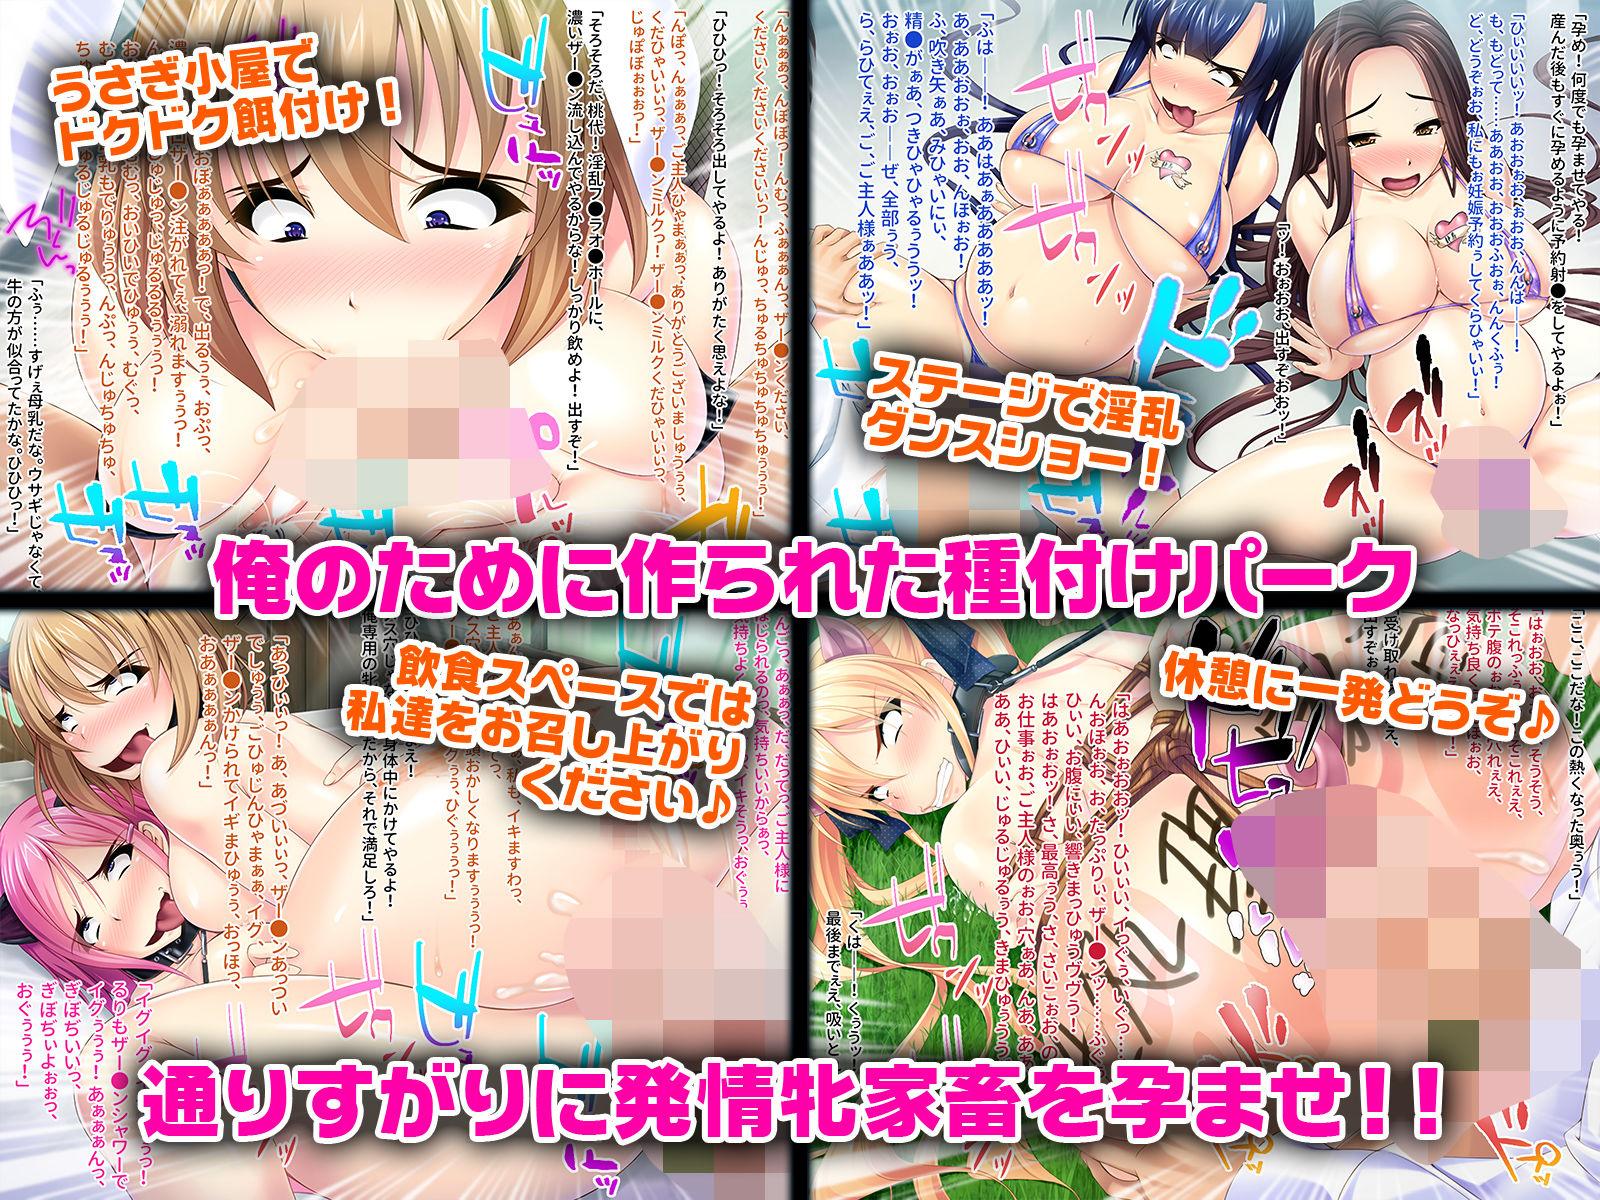 期間限定!CG集3作品セット~屈辱プレイに喜ぶ家畜女どもにごほうび汁を恵む会!!~